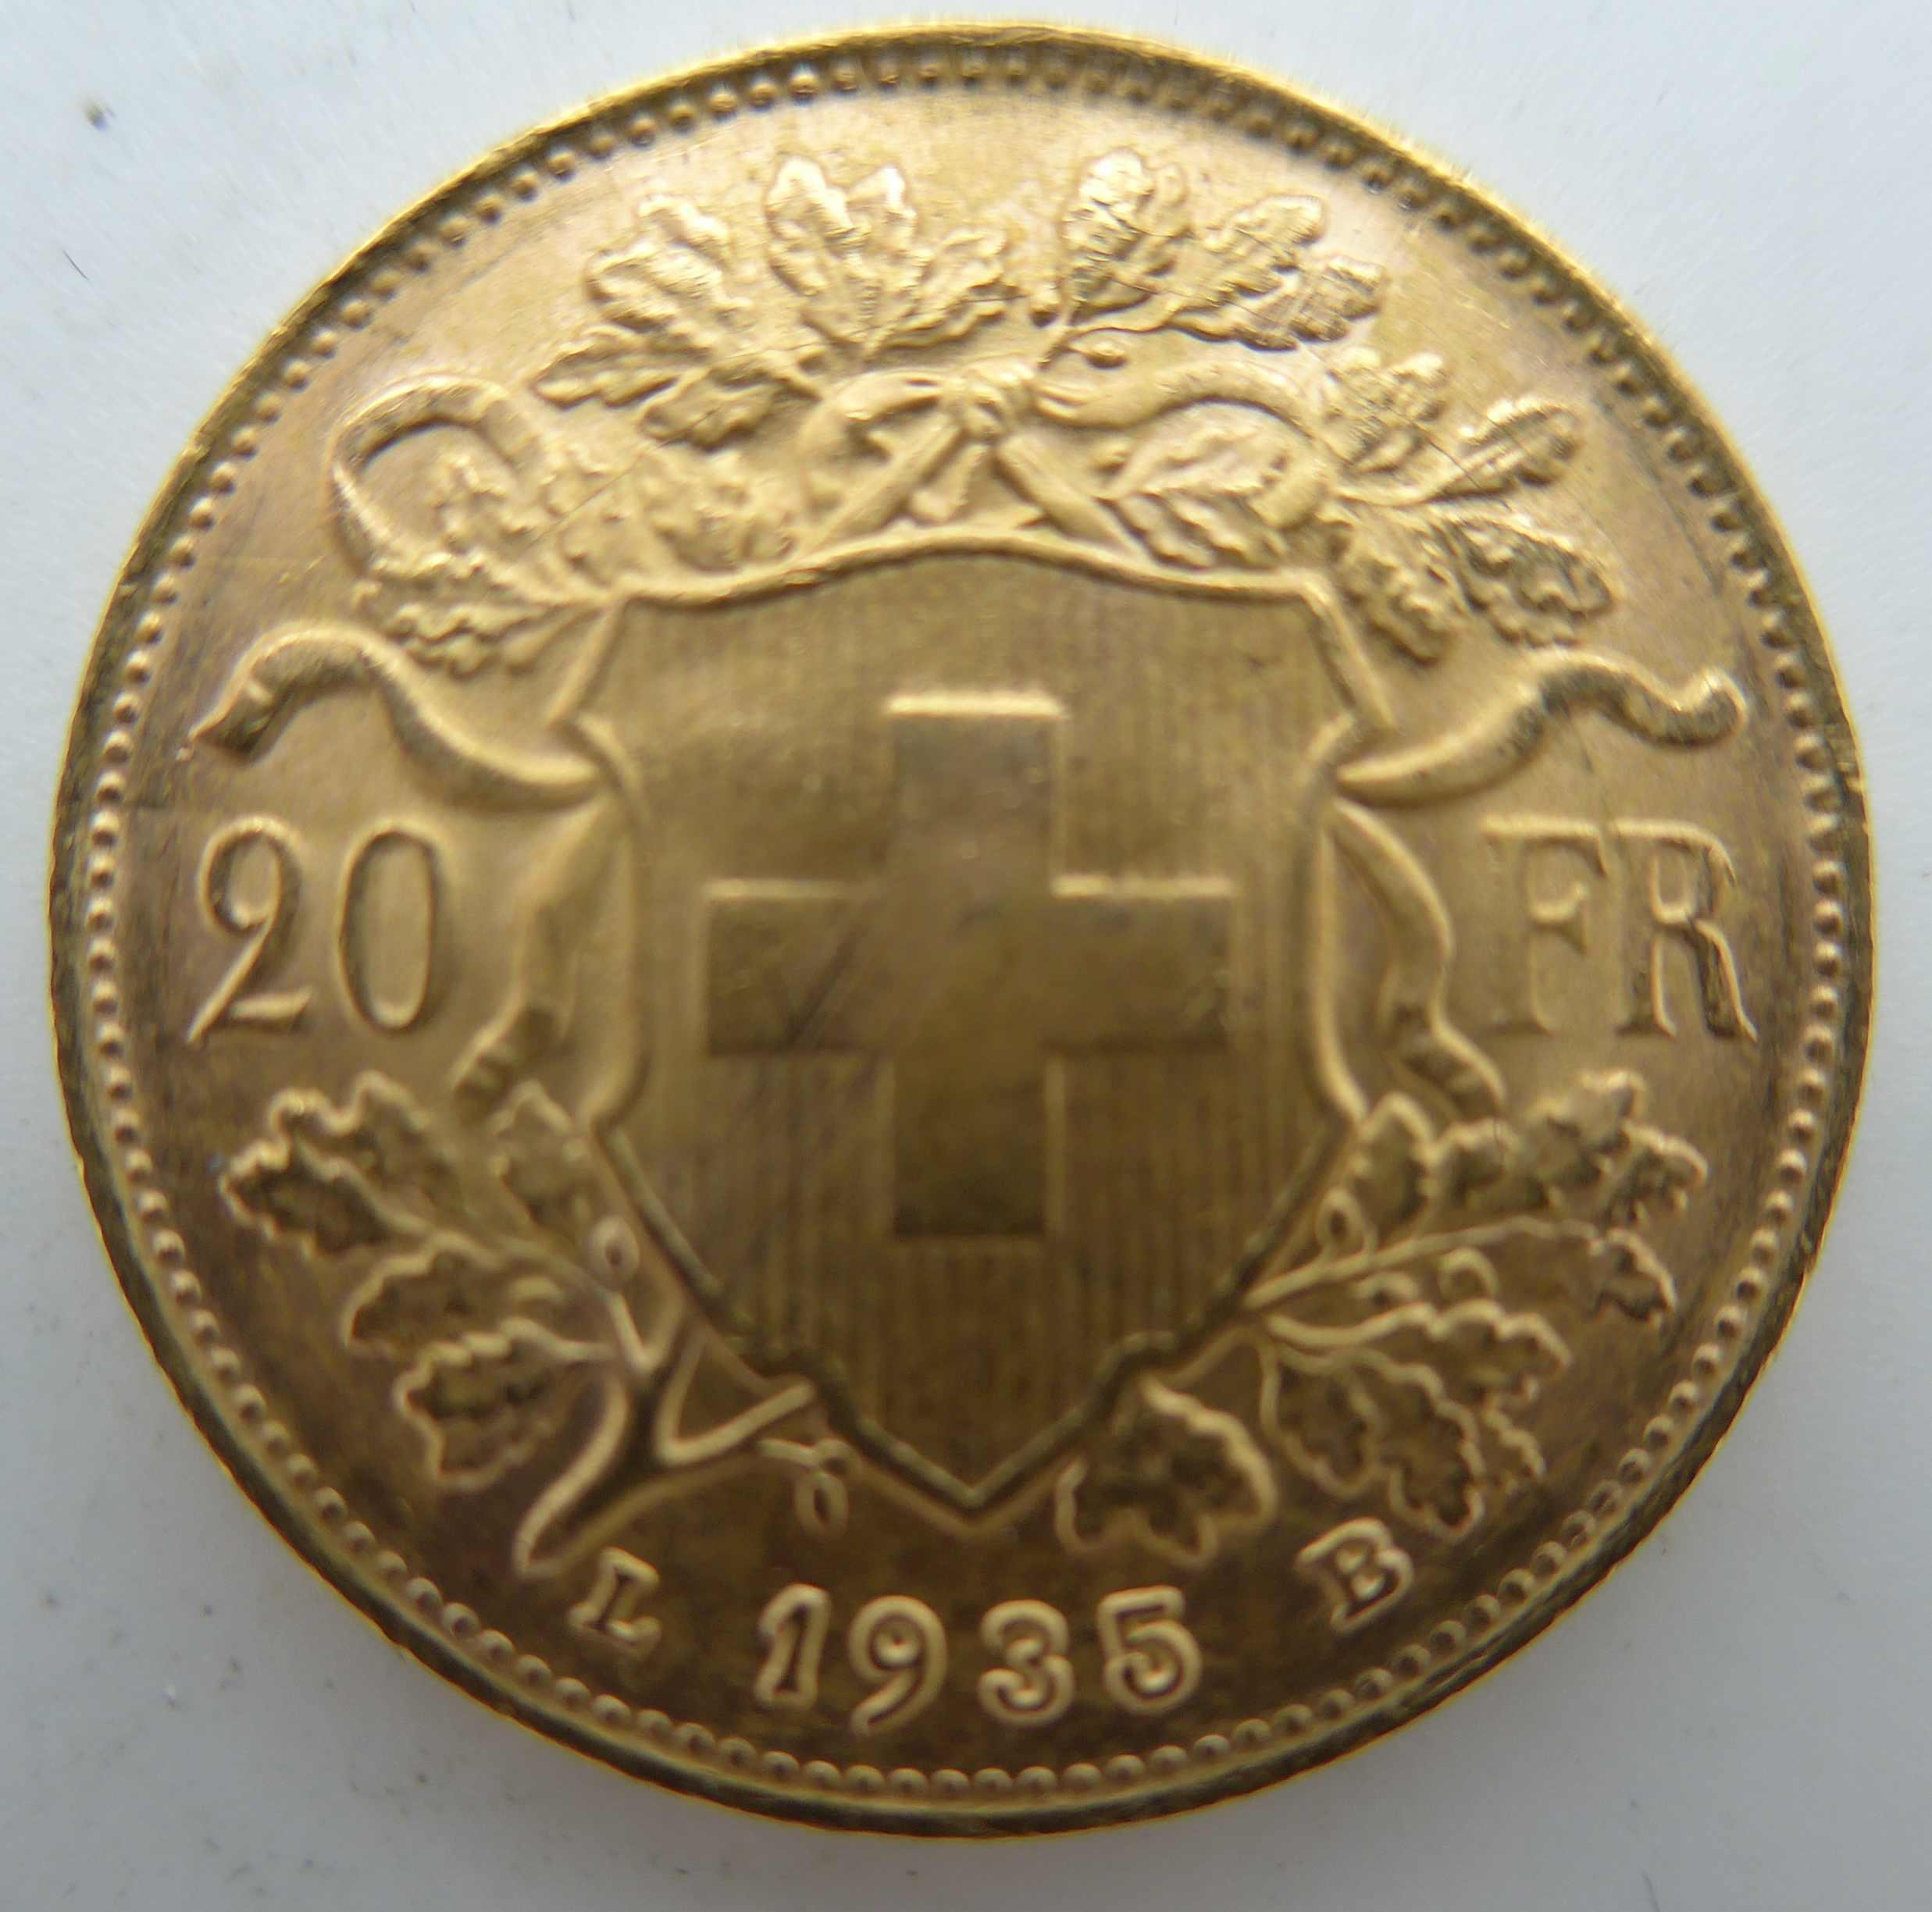 Vreneli Goldmünze 1935 mit dem L